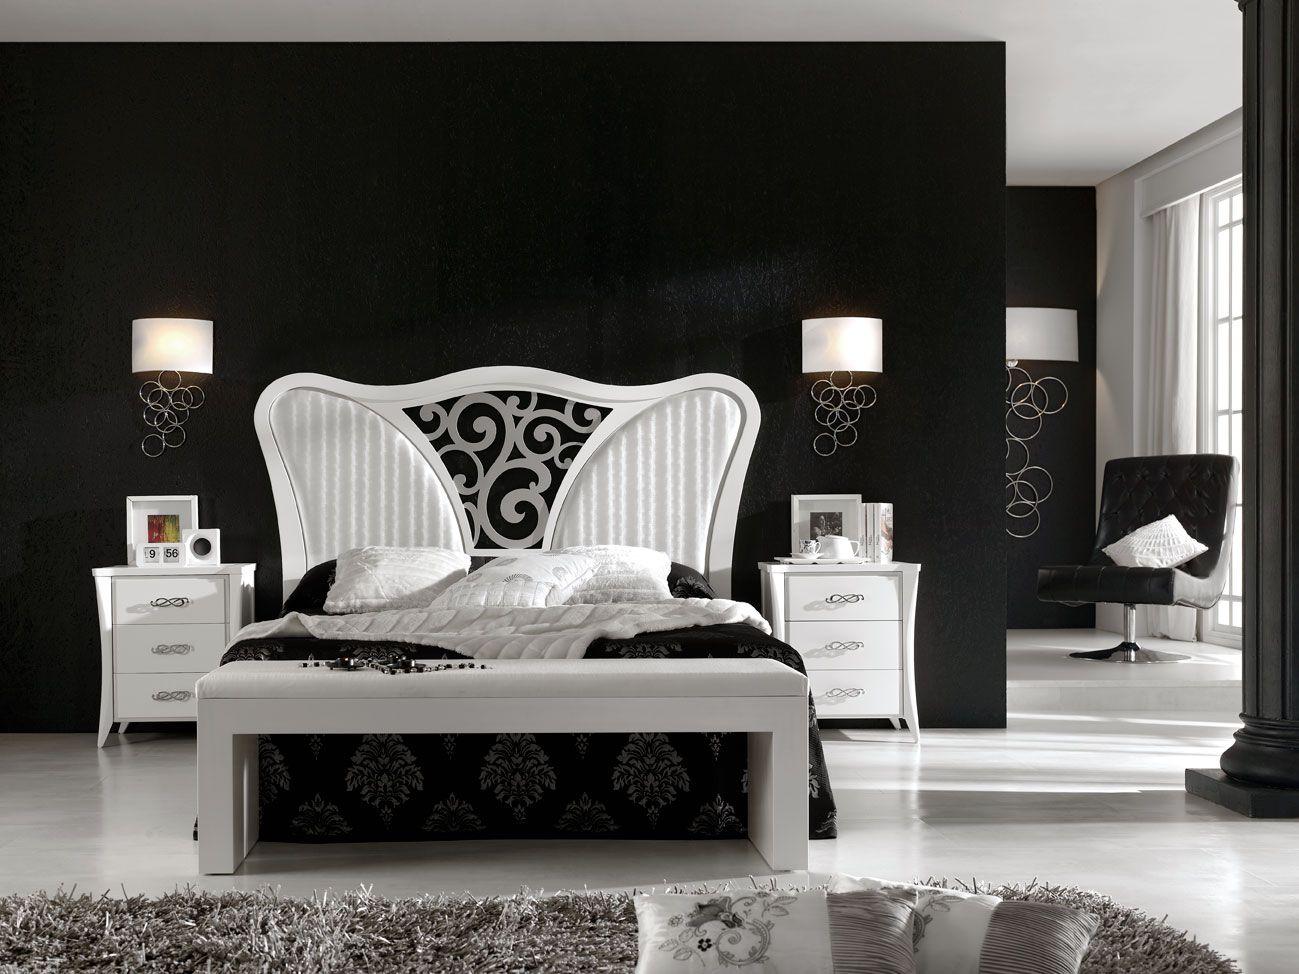 Muebles juveniles dormitorios zona sur 20170716044020 for Fabrica de sillones zona sur